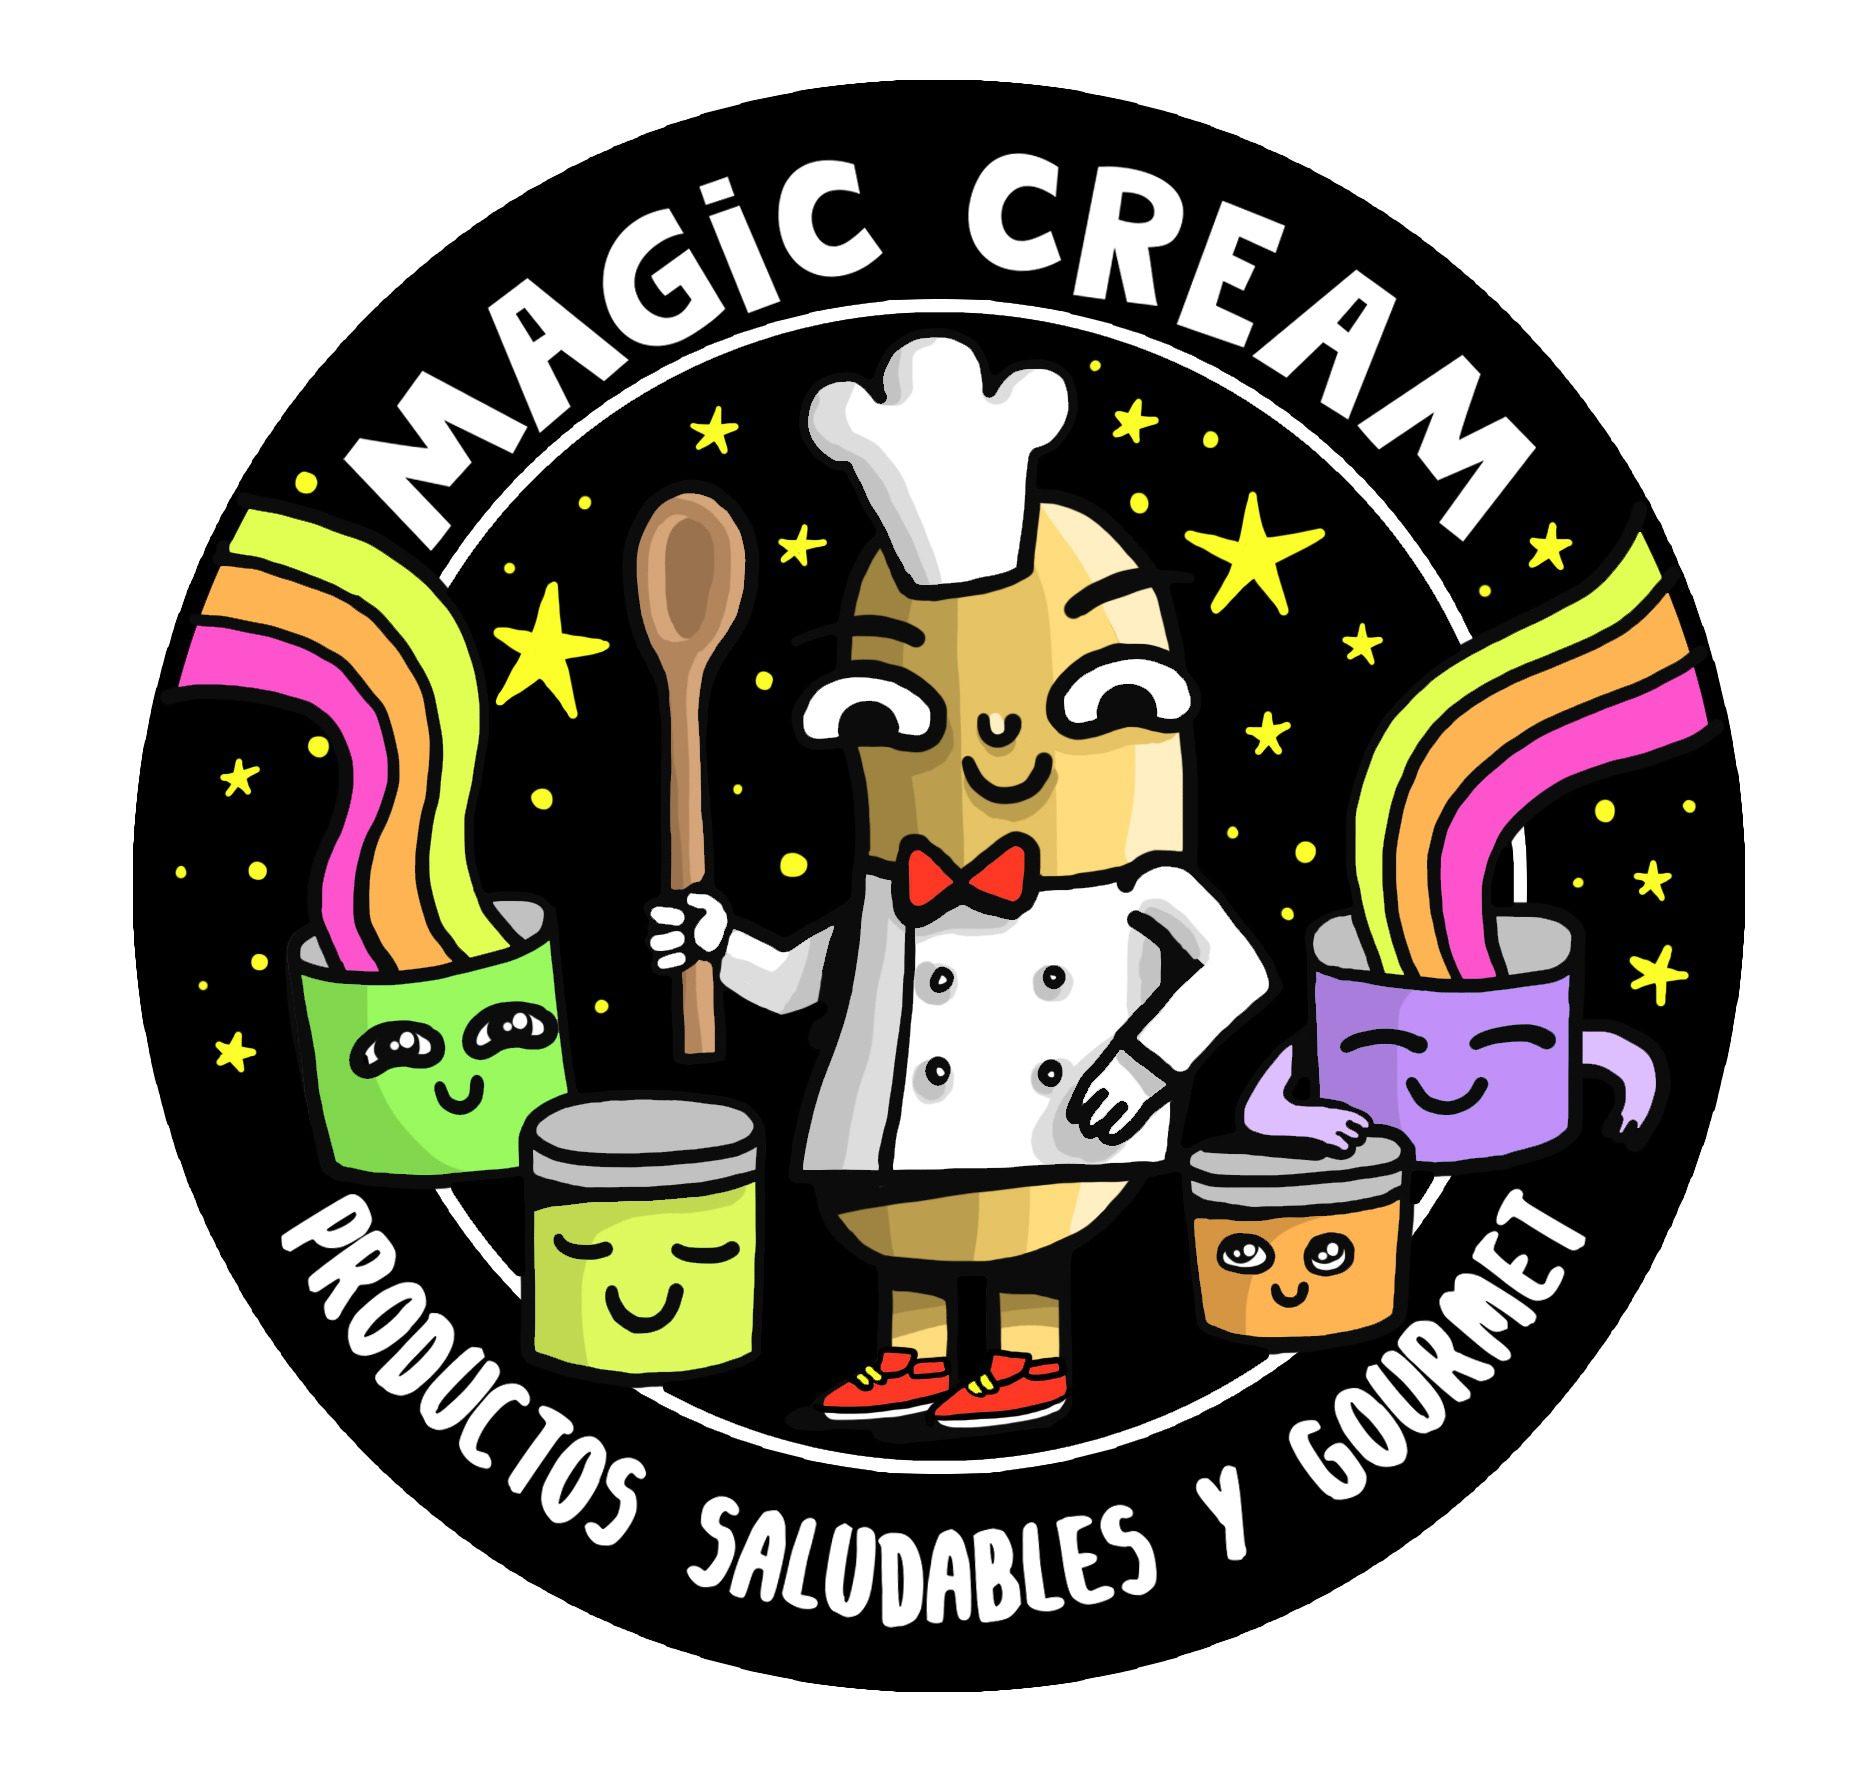 Contacto Magic Cream